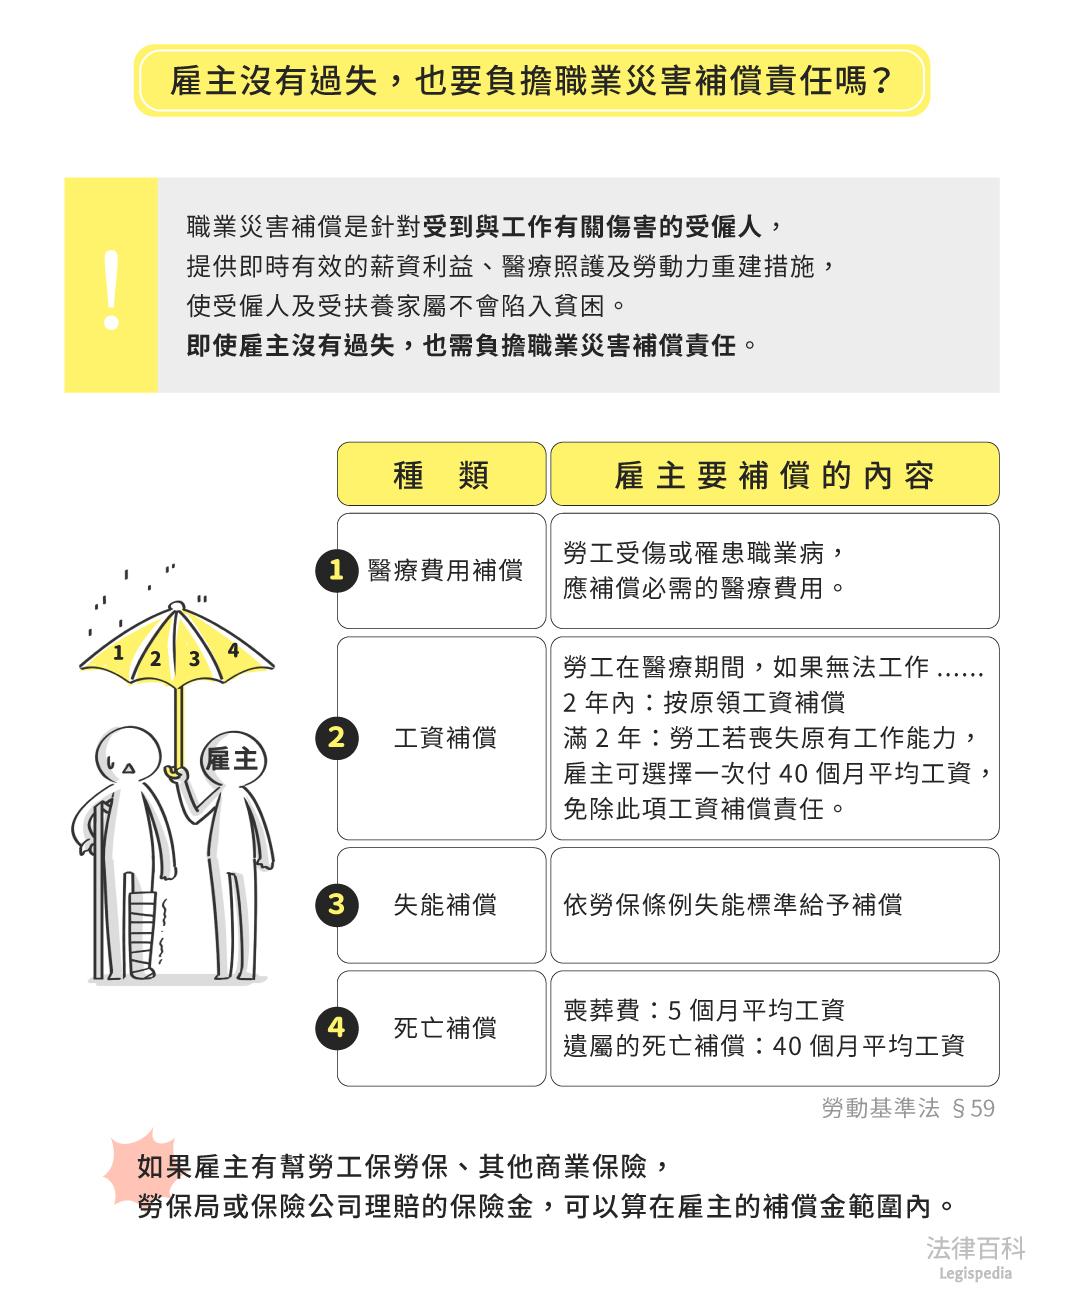 圖1 雇主沒有過失,也要負擔職業災害補償責任嗎? 資料來源:林大鈞 / 繪圖:Yen